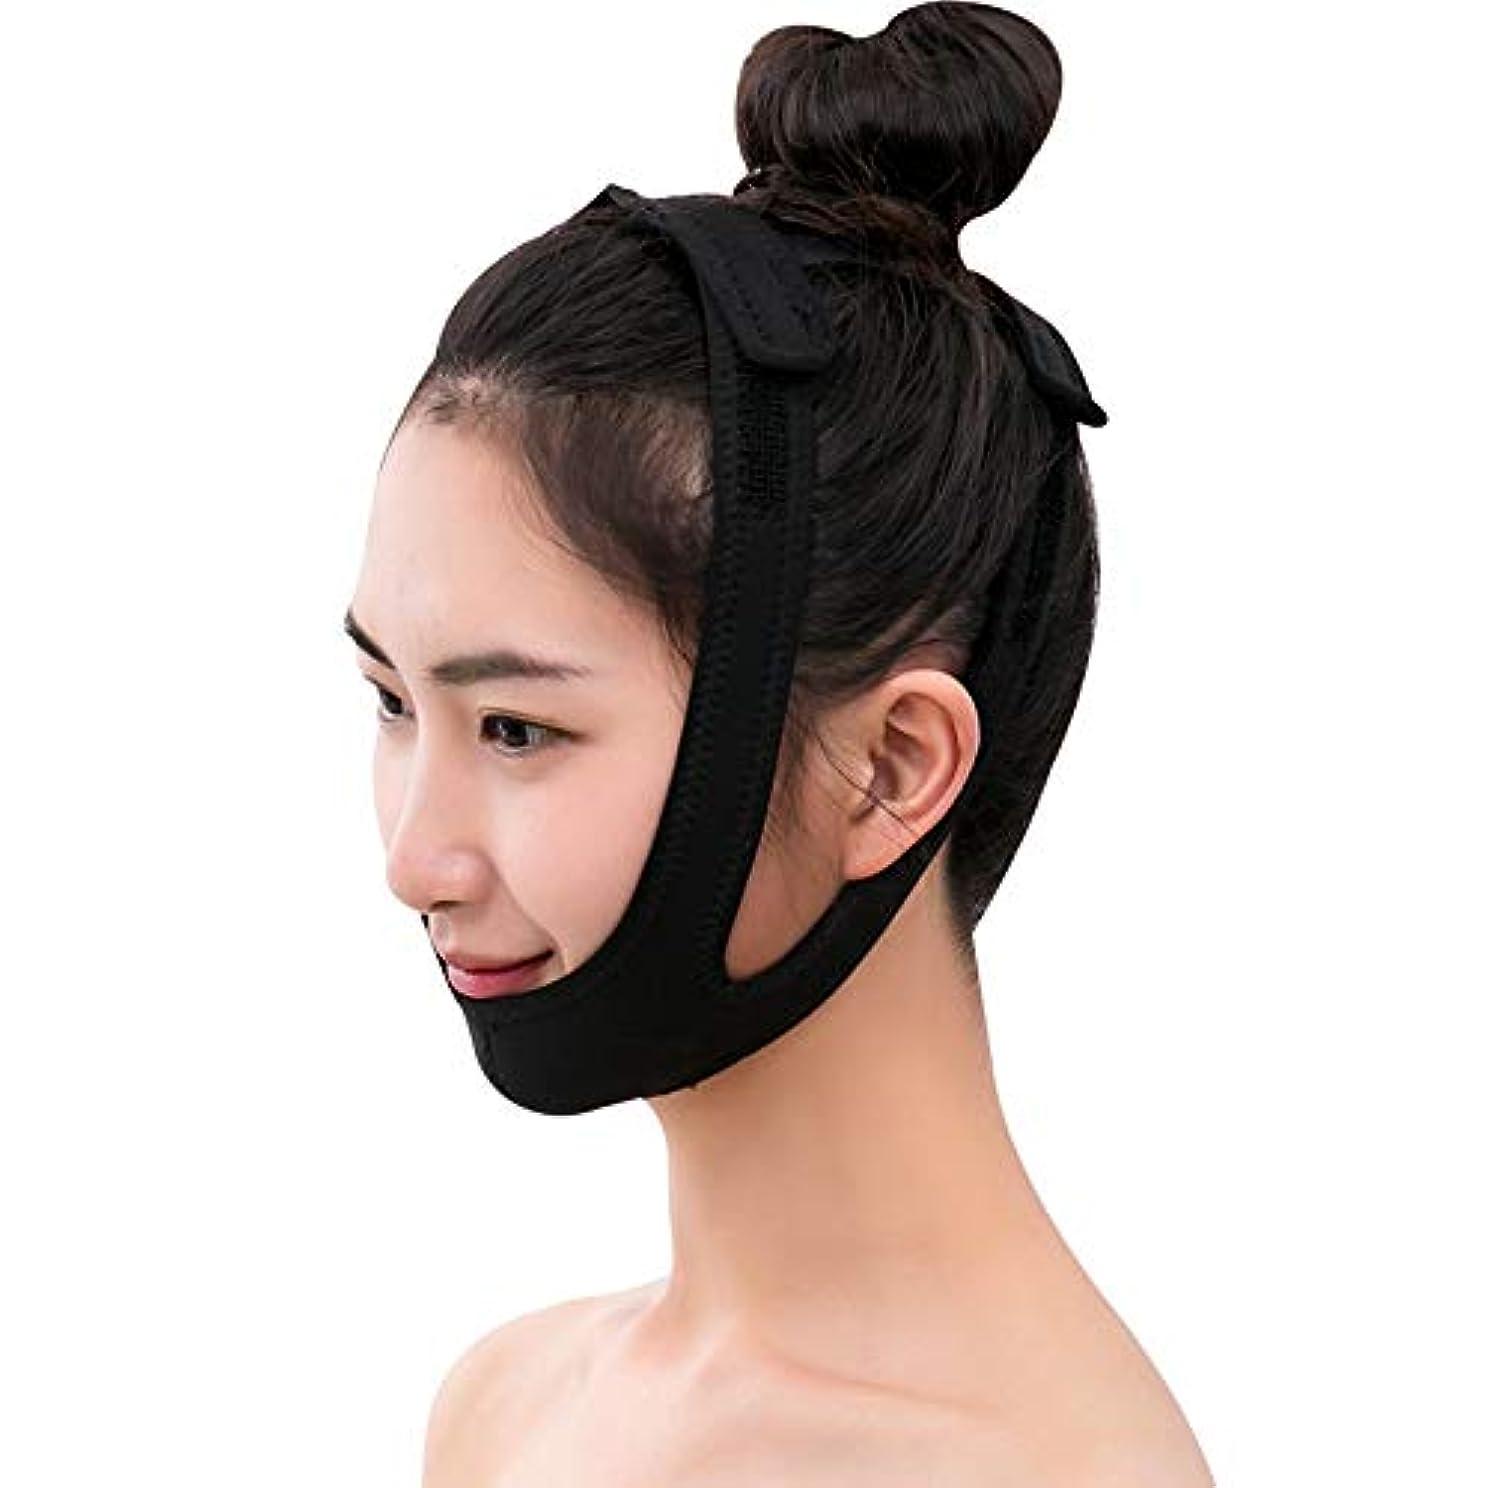 西部ゼリー理解フェイスリフトベルト 薄いフェイスバンド - 薄い顔の包帯ビューティーインストゥルメントフェイシャルリフト睡眠マスク法Vフェイスマスクの通気性を作る